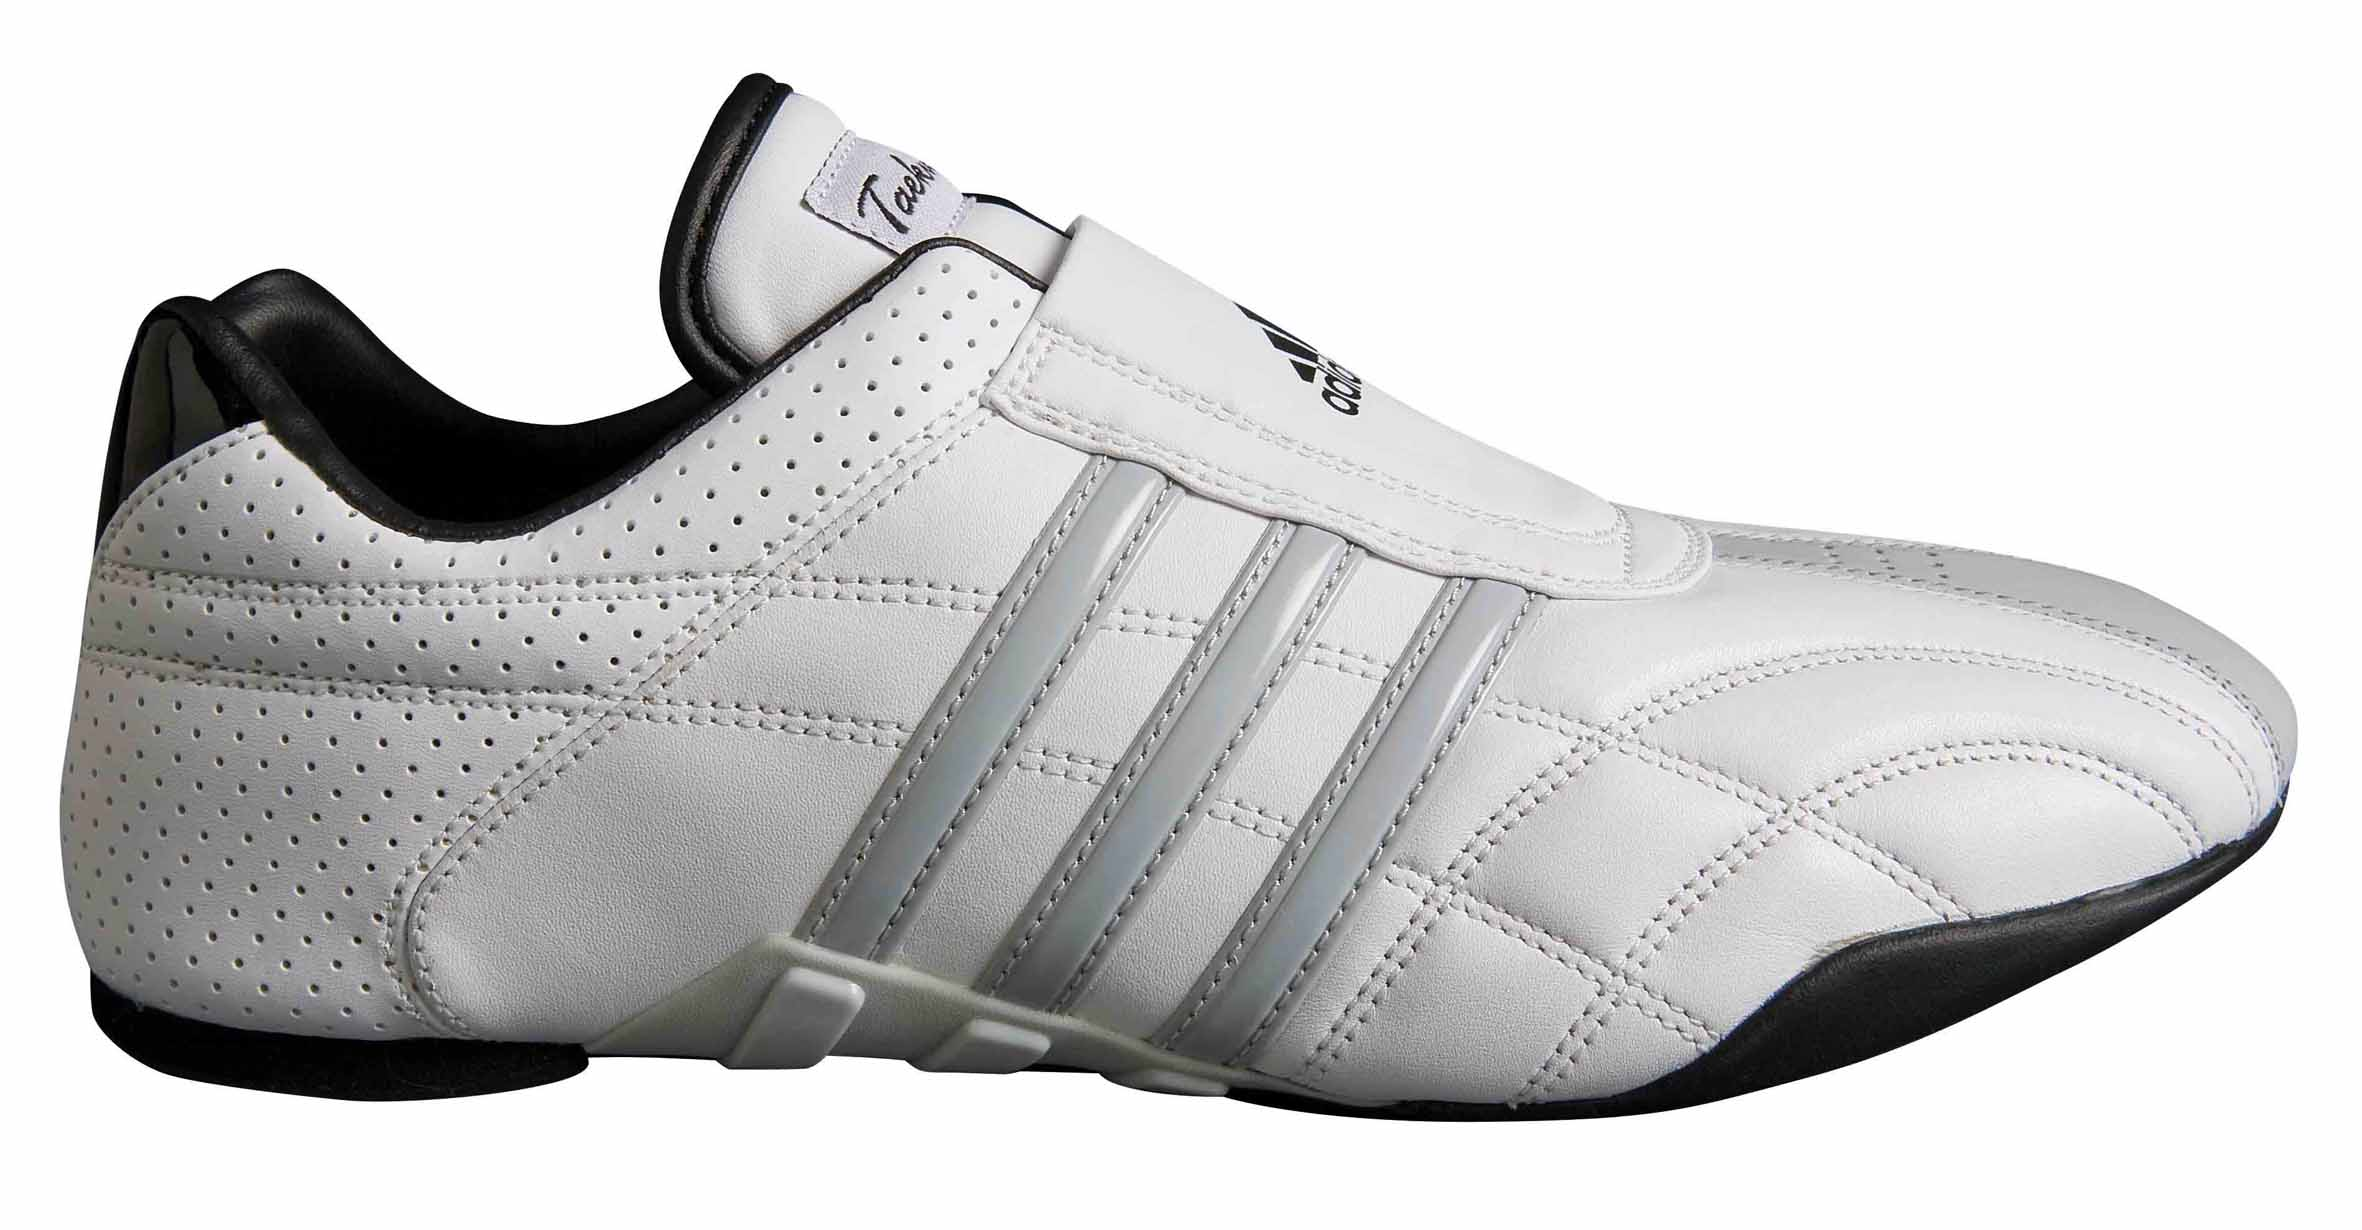 78ed4eb7dc9 Adidas ADI-LUX Taekwondo schoenen (wit) | Taekwondo schoenen ...